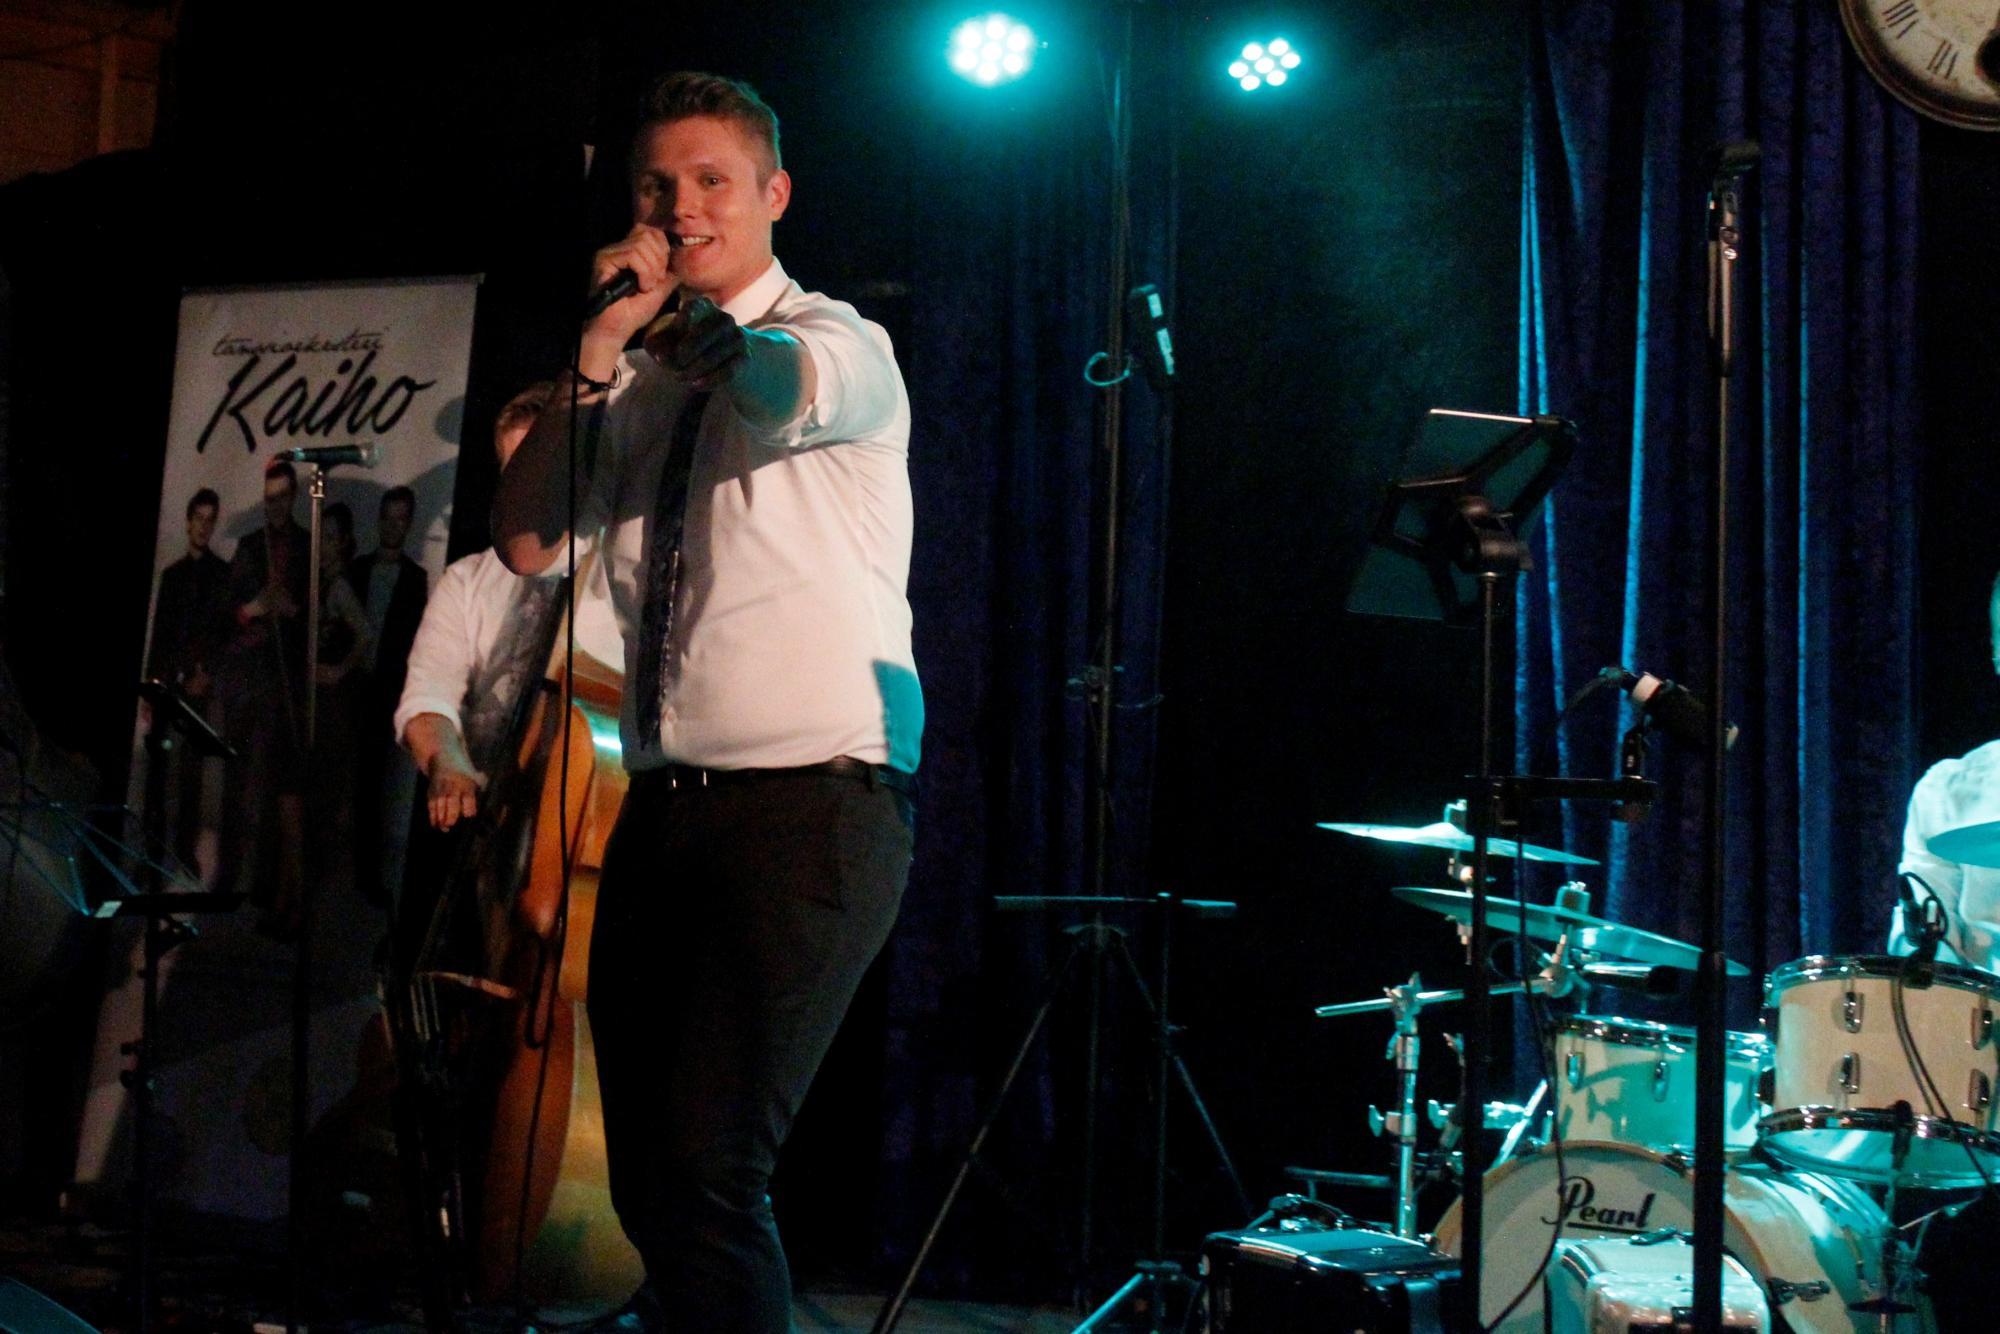 Tuomas Salminen ja Kaiho edustavat nuorta, rempseämpää tanssimusiikin sukupolvea.